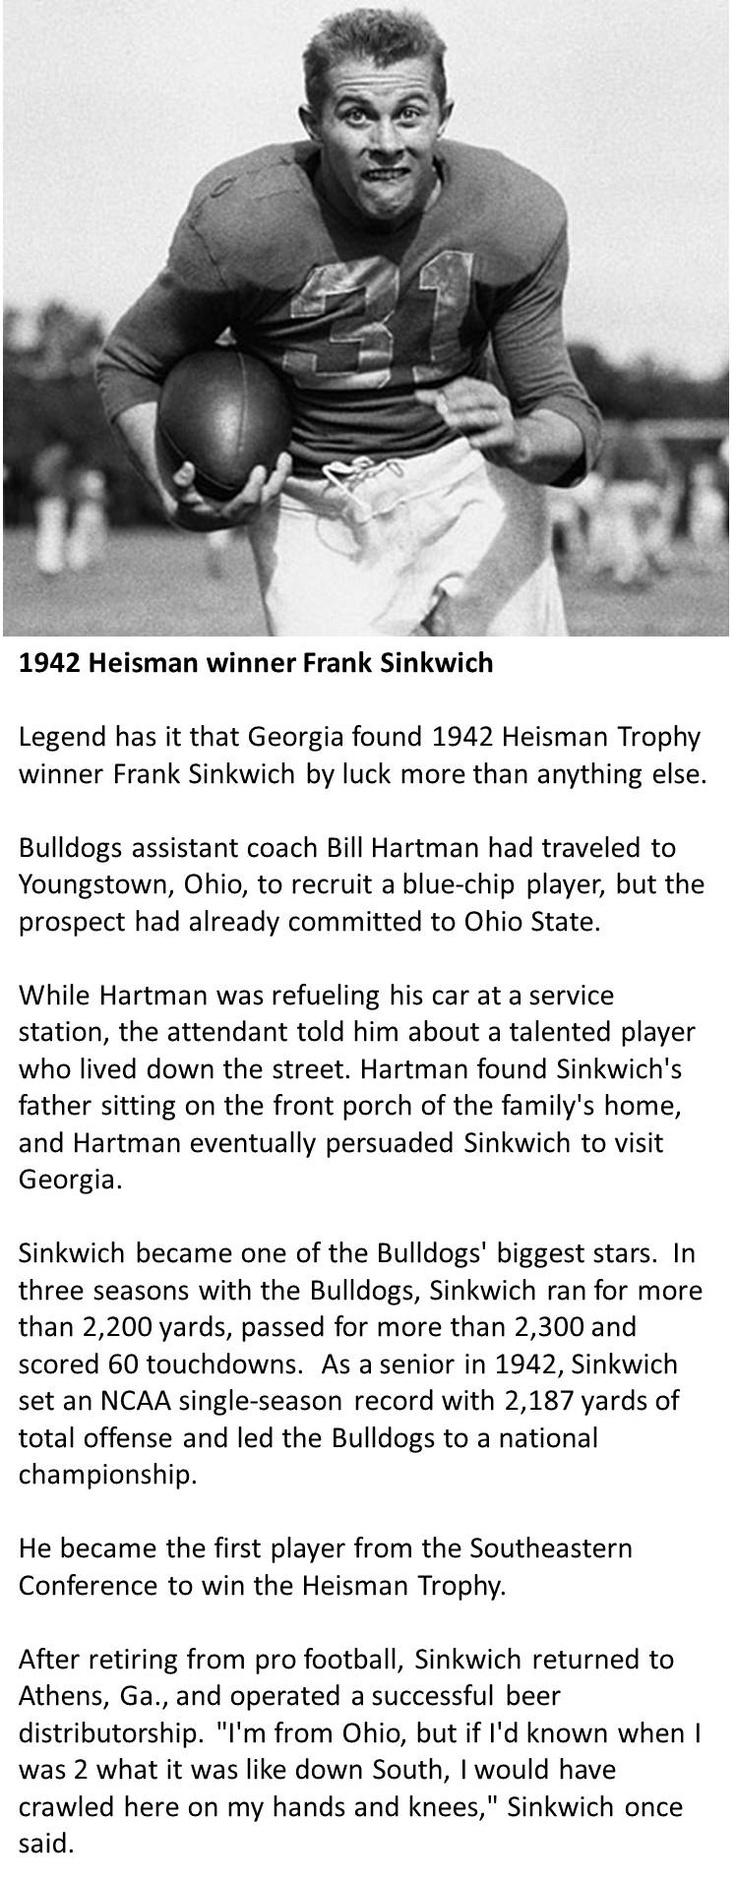 Frank Sinkwich - 1942 Heisman Memorial Trophy Winner - University of Georgia Bulldogs